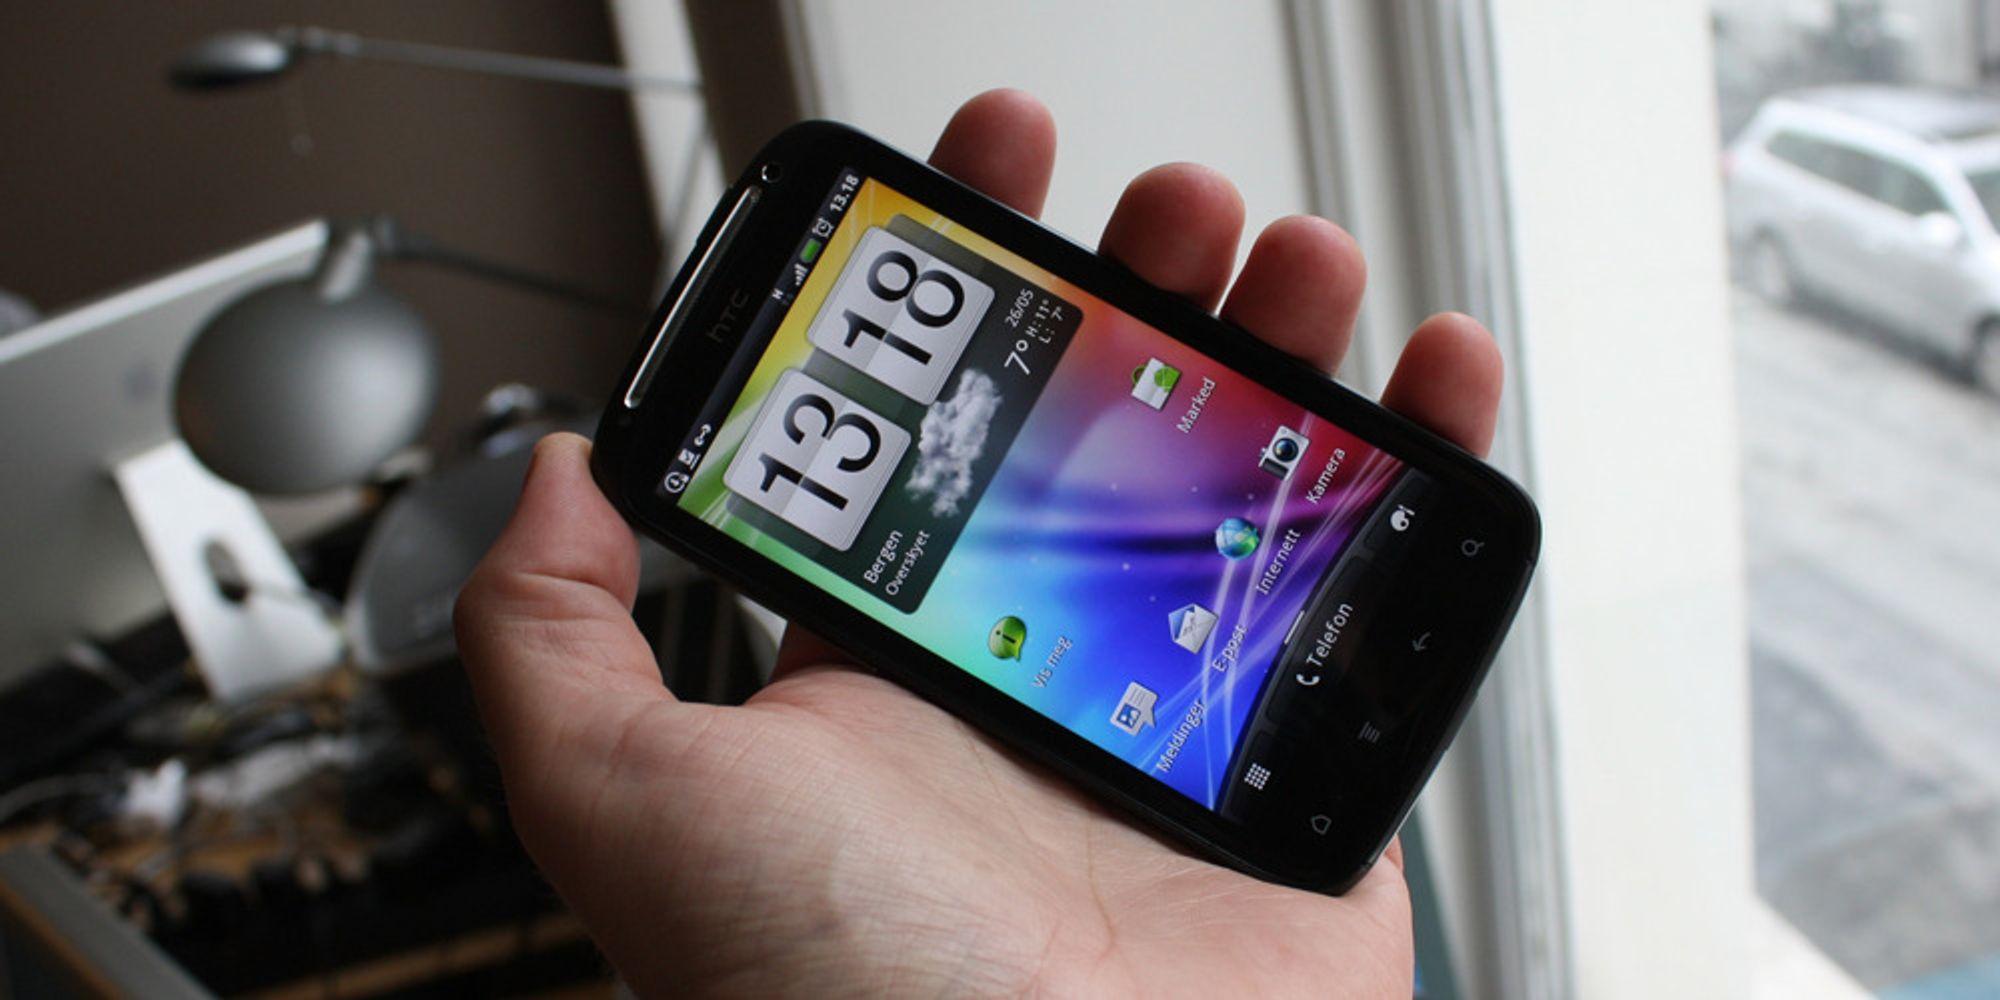 Førsteinntrykk: HTC Sensation